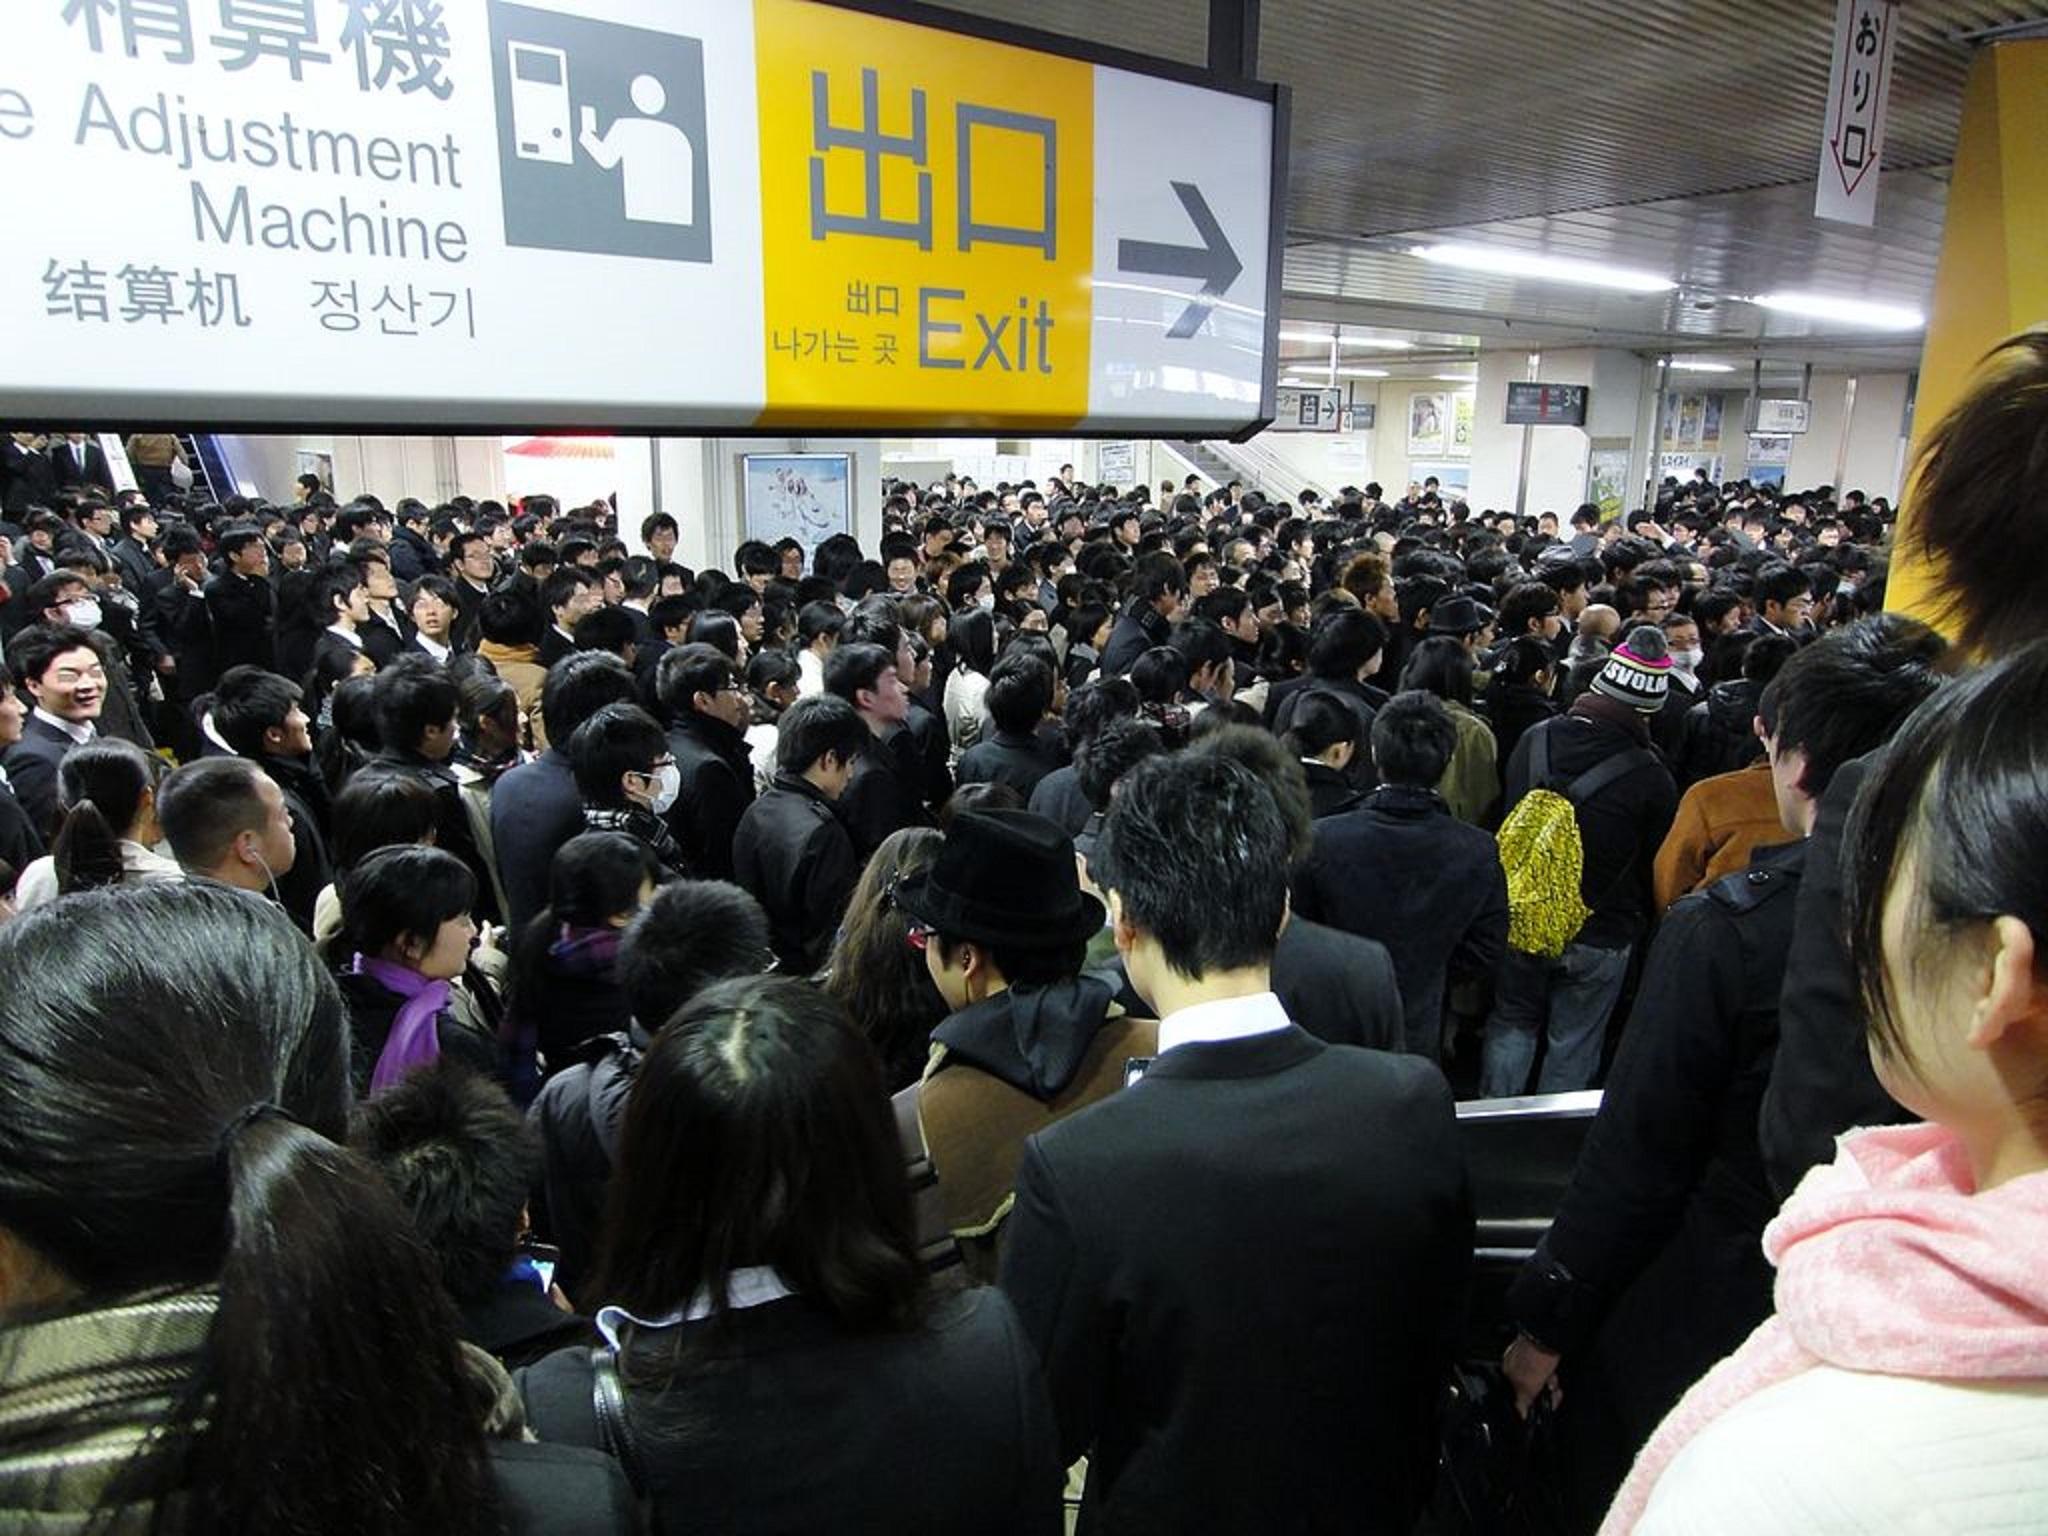 日本 2025年 アンダークラス層 1000万人